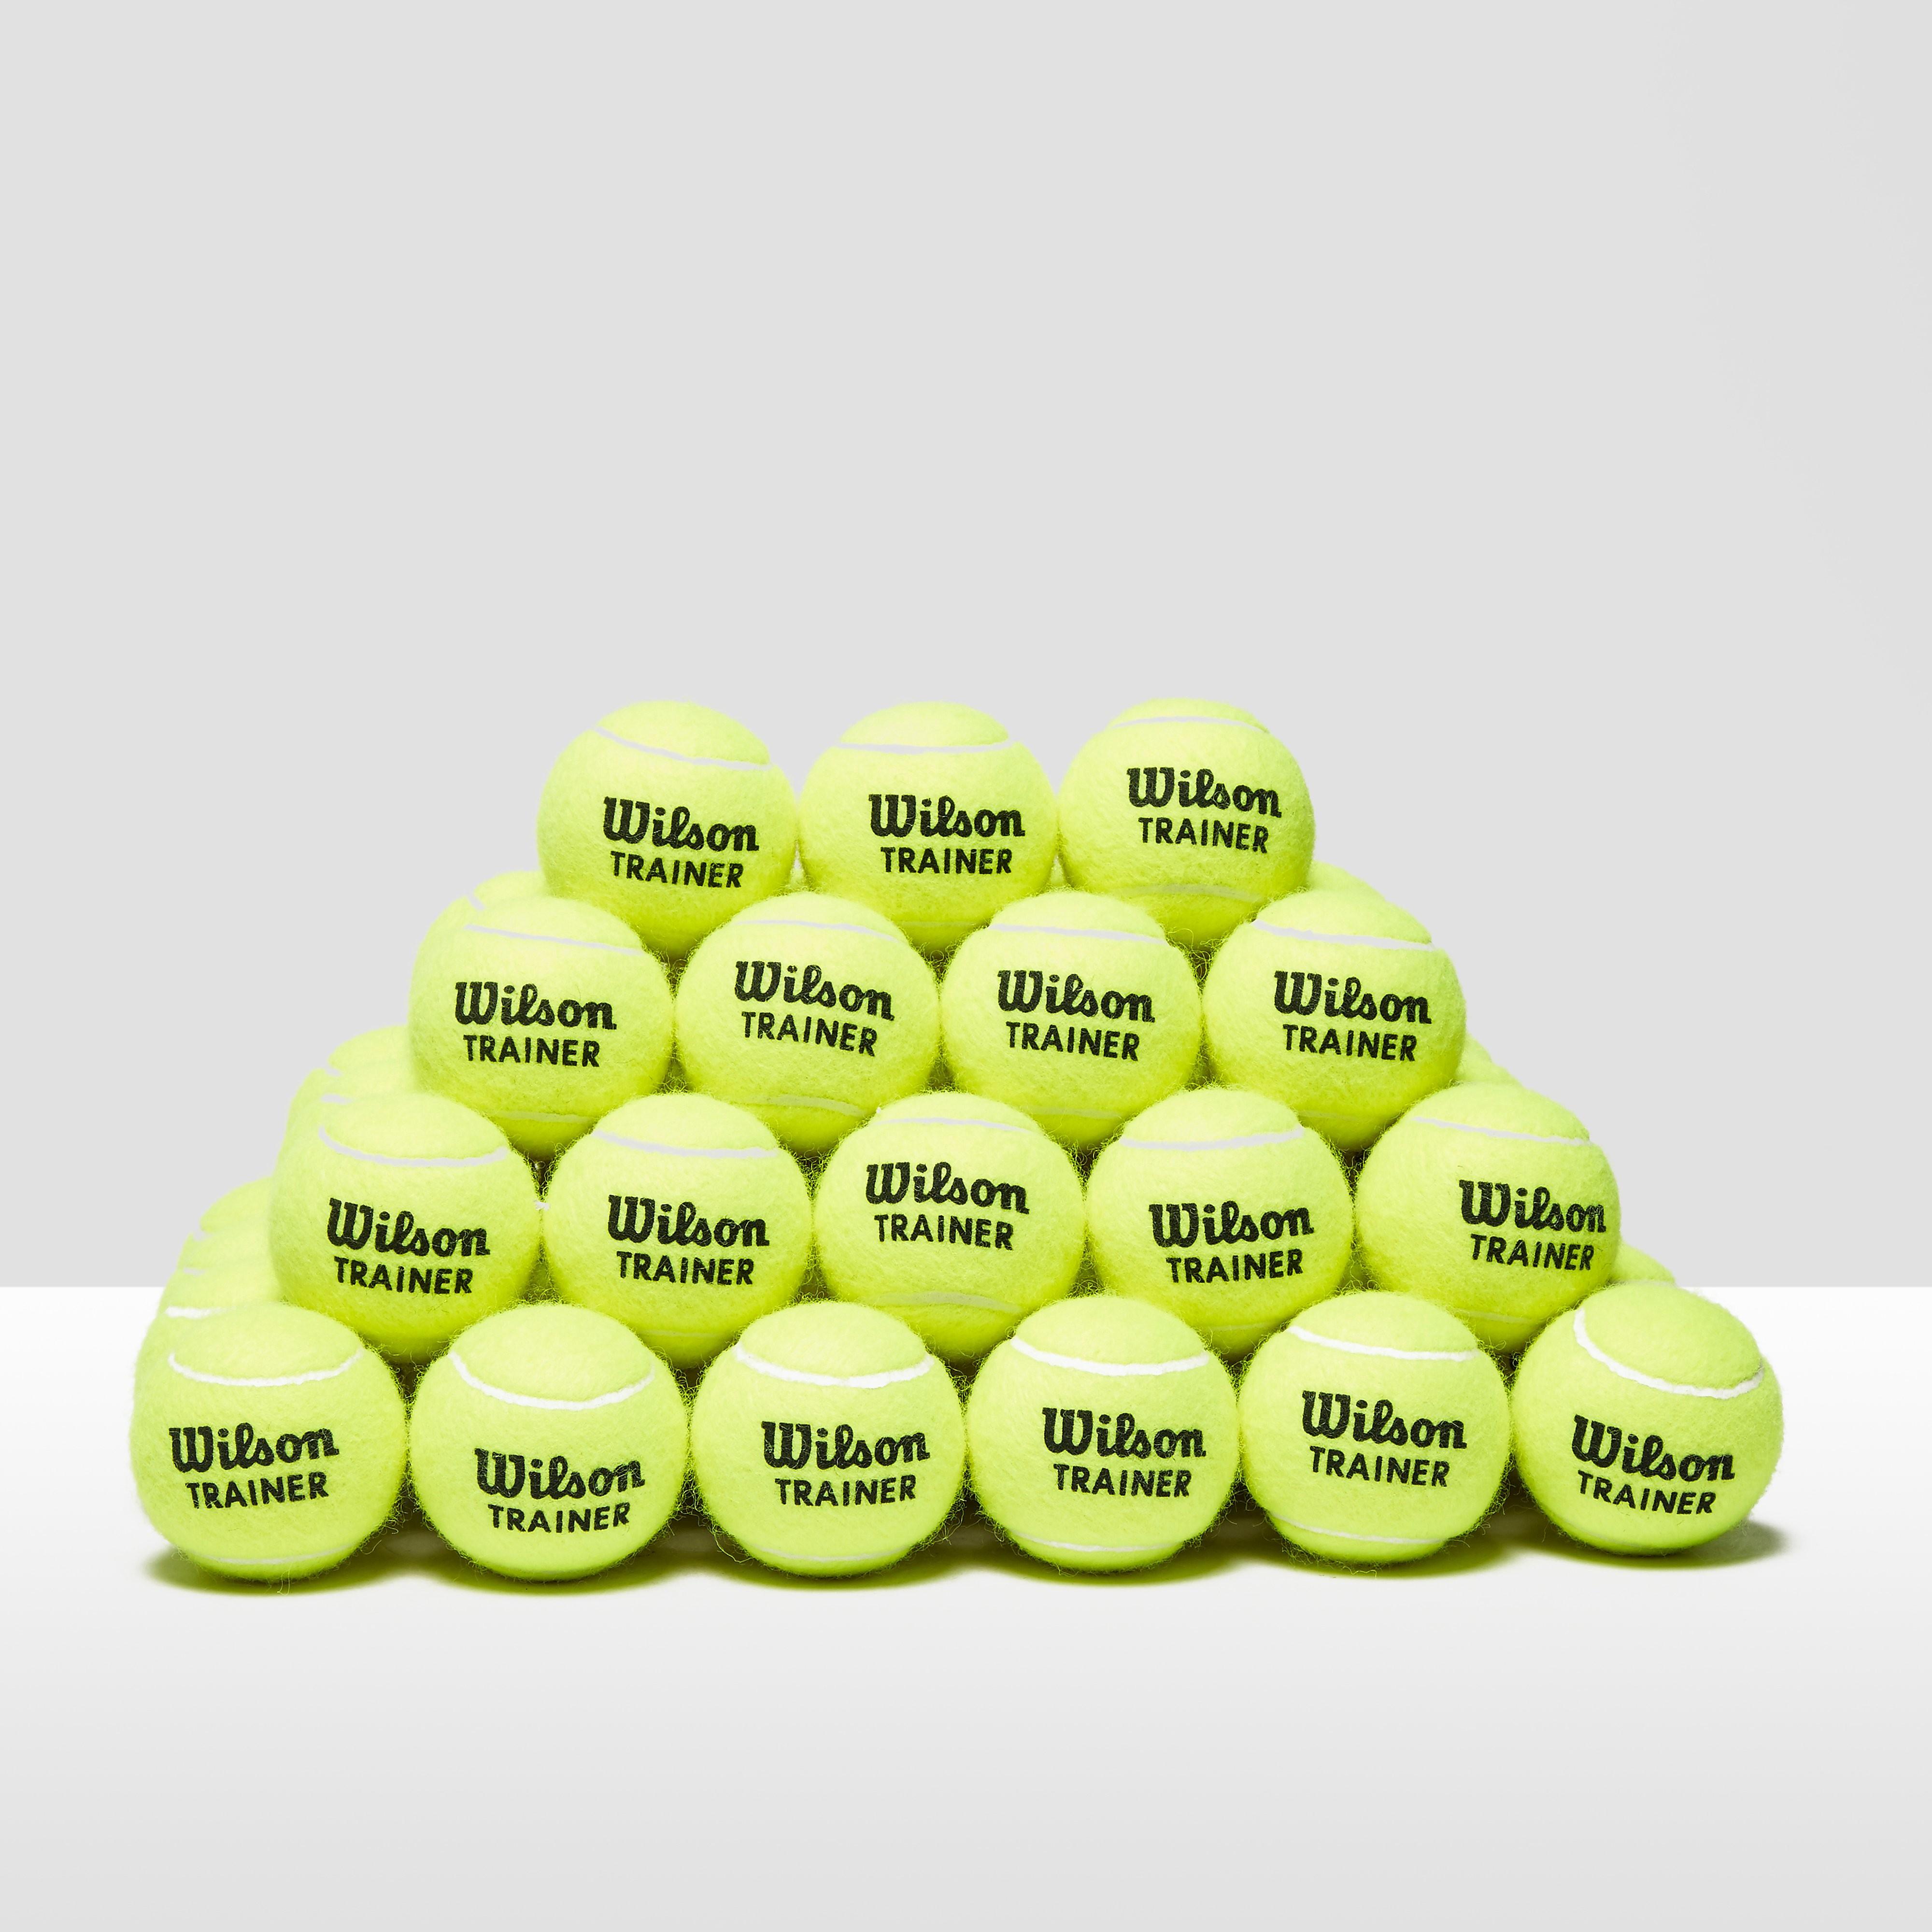 Wilson Team Trainer 8 Dozen Tennis Ball Sack